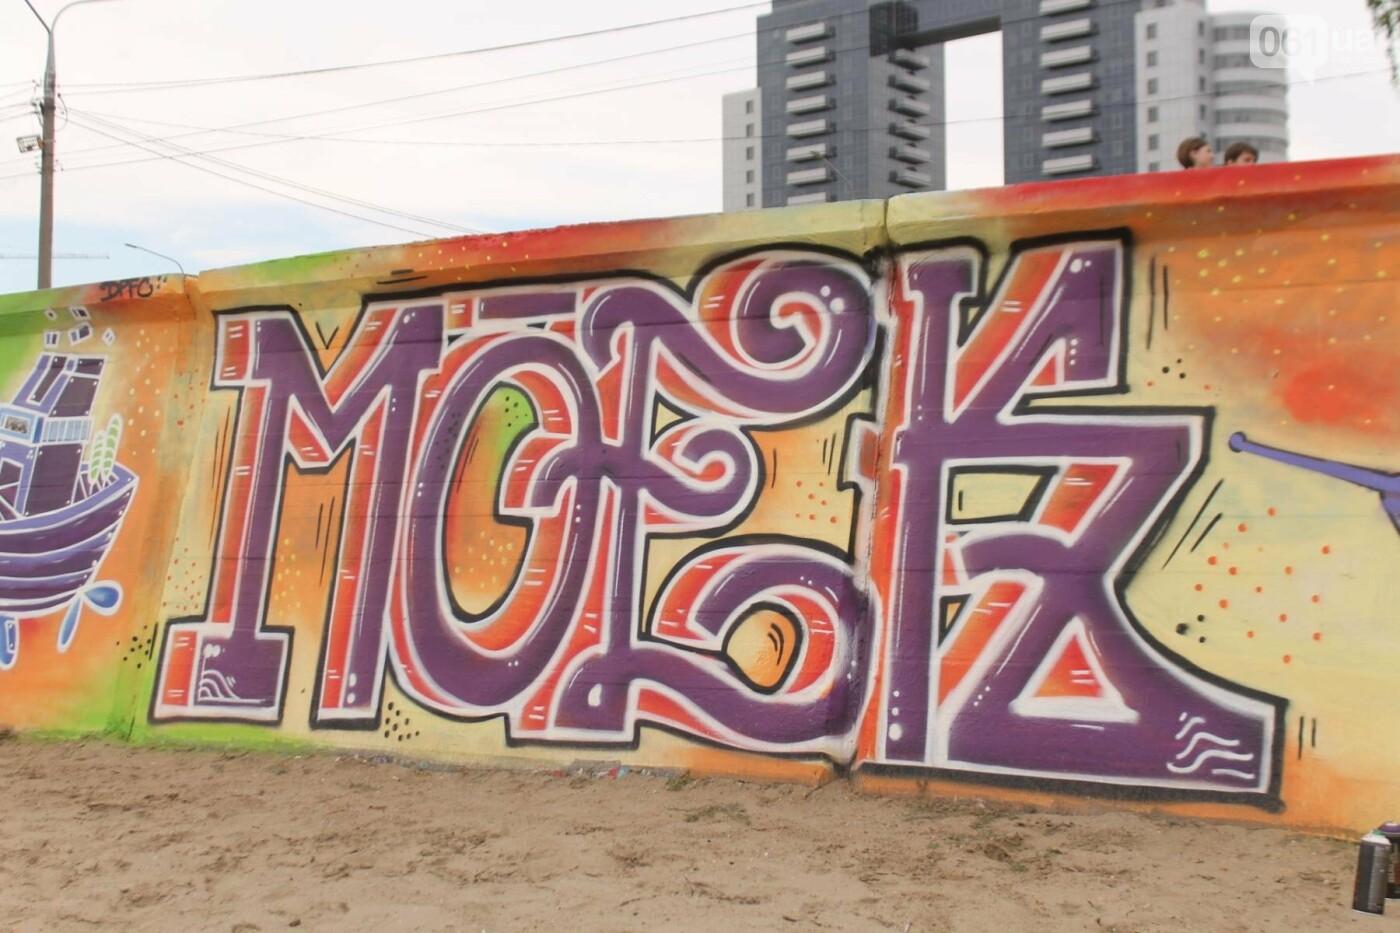 В Запорожье на пляже закончился фестиваль граффити: разрисовали 150 метров бетонной стены, – ФОТОРЕПОРТАЖ, фото-10